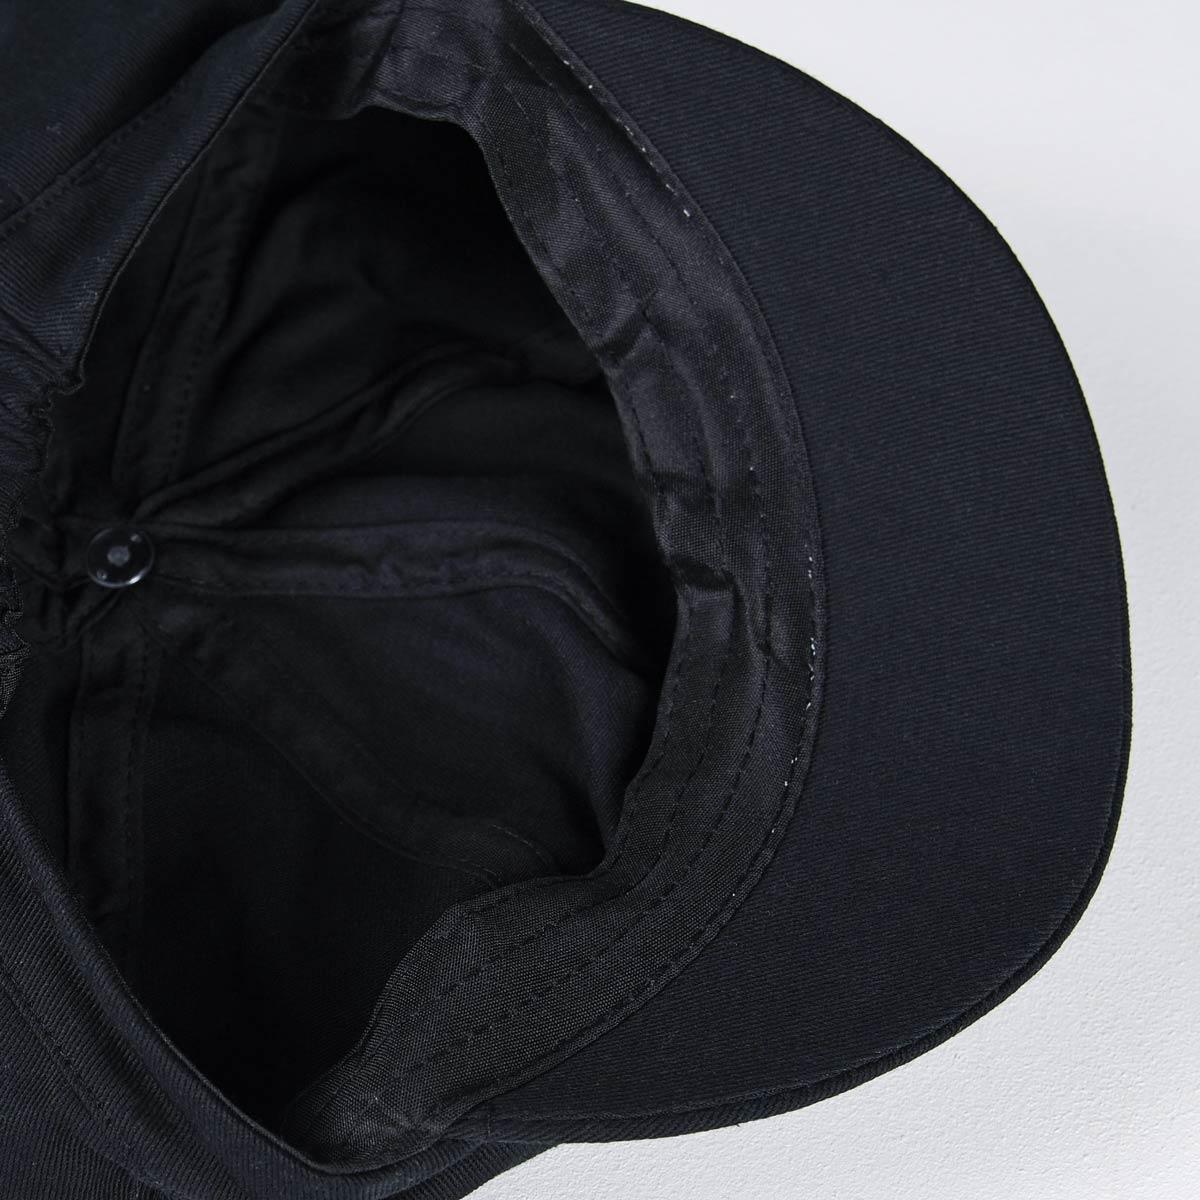 CP-01123_D12-2--_Casquette-coton-noire